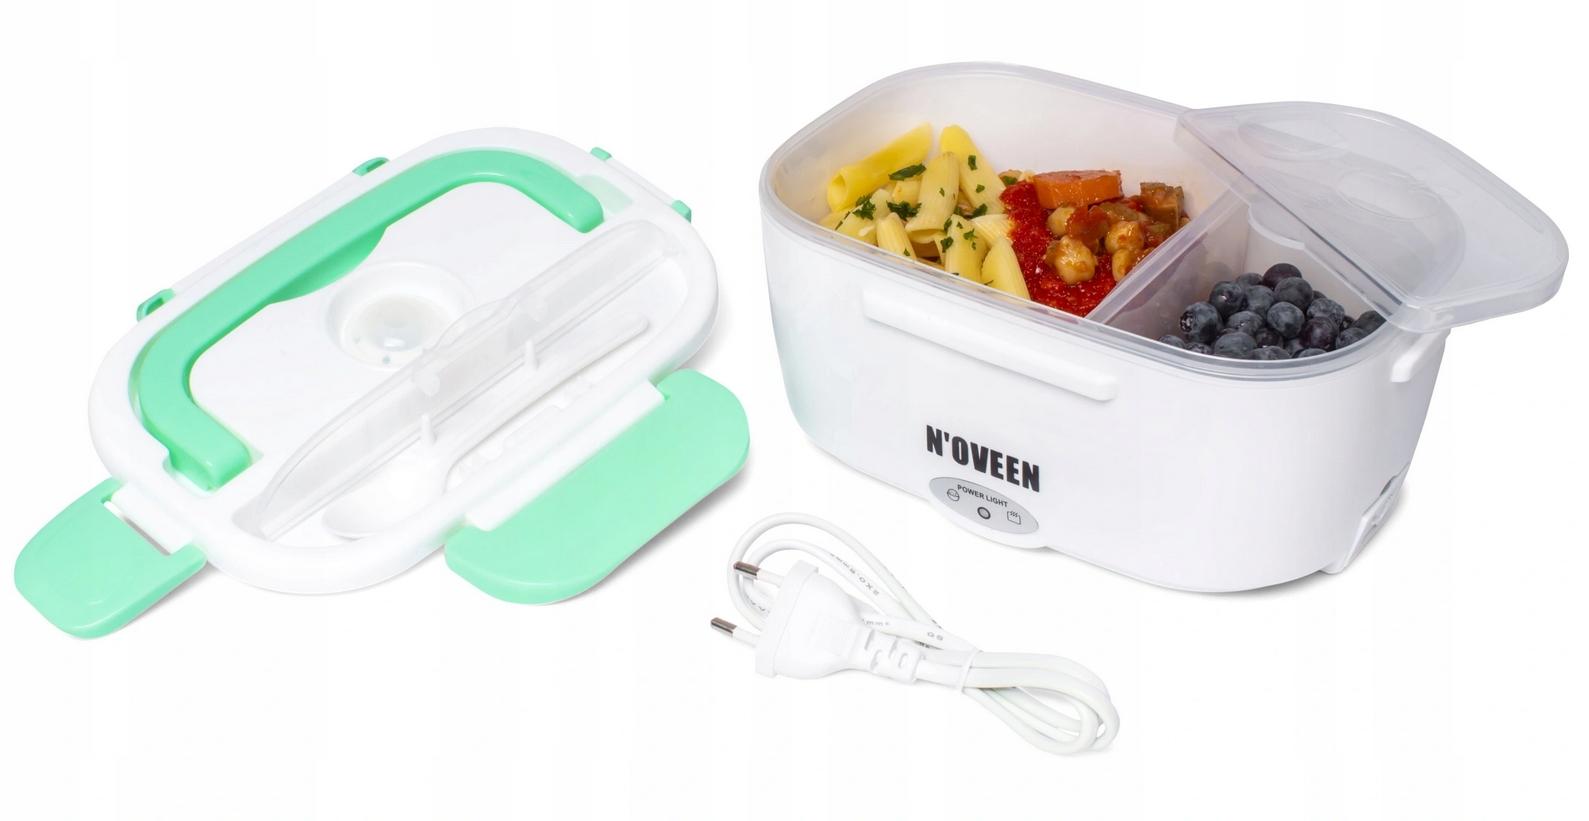 Noveen LB330 lunchbox podgrzewacz żywności pudełko